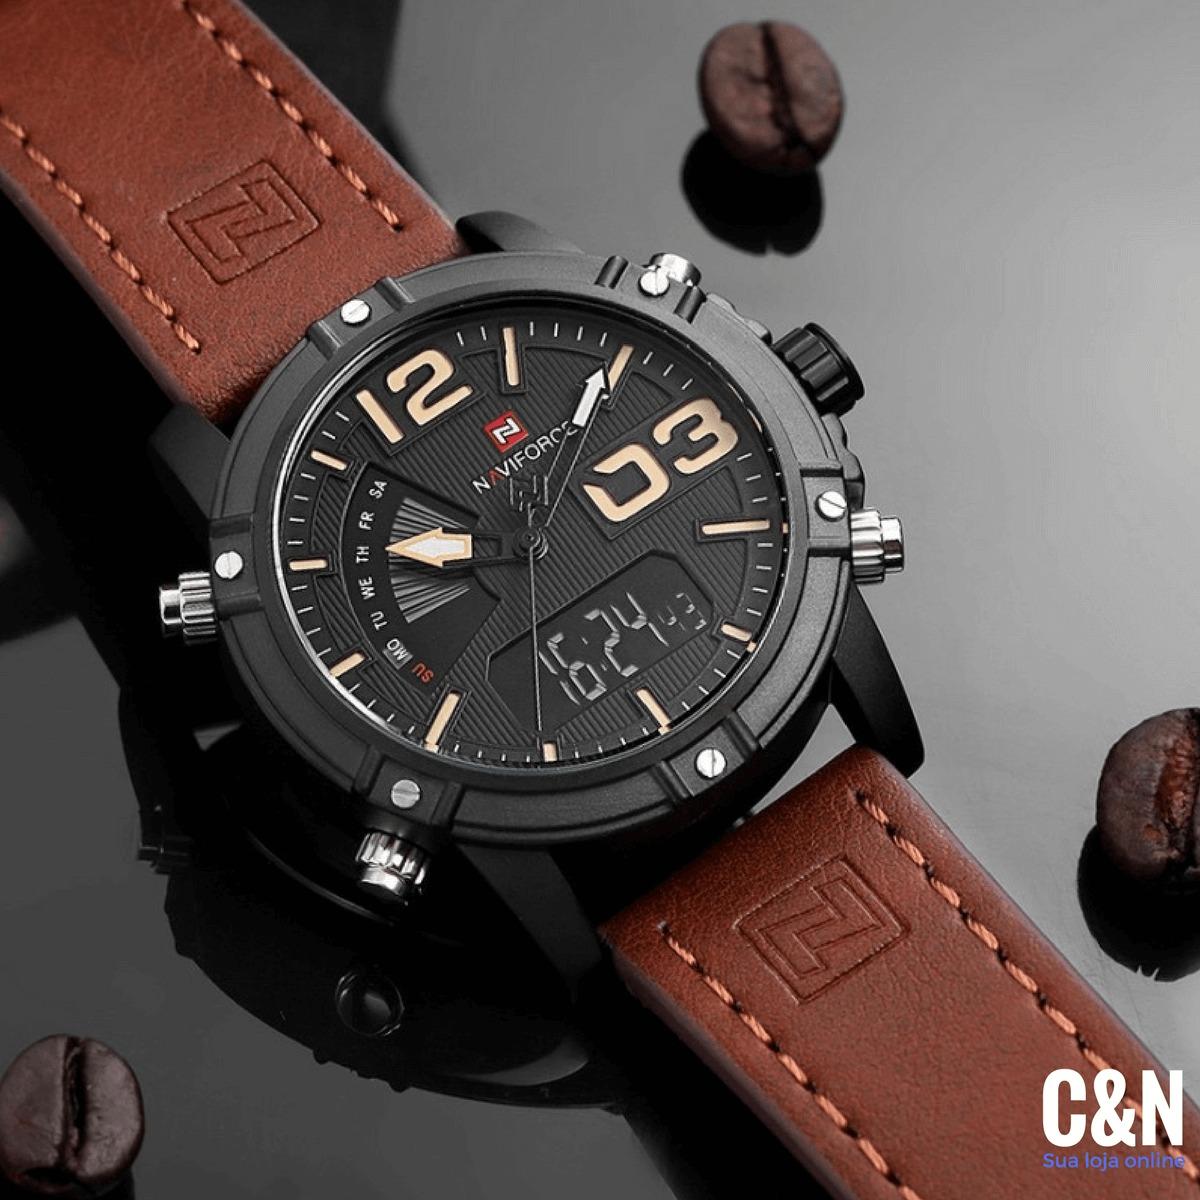 6f3672b46eb relogio masculino nf 9095 pulseira de couro exclusivo. Carregando zoom.